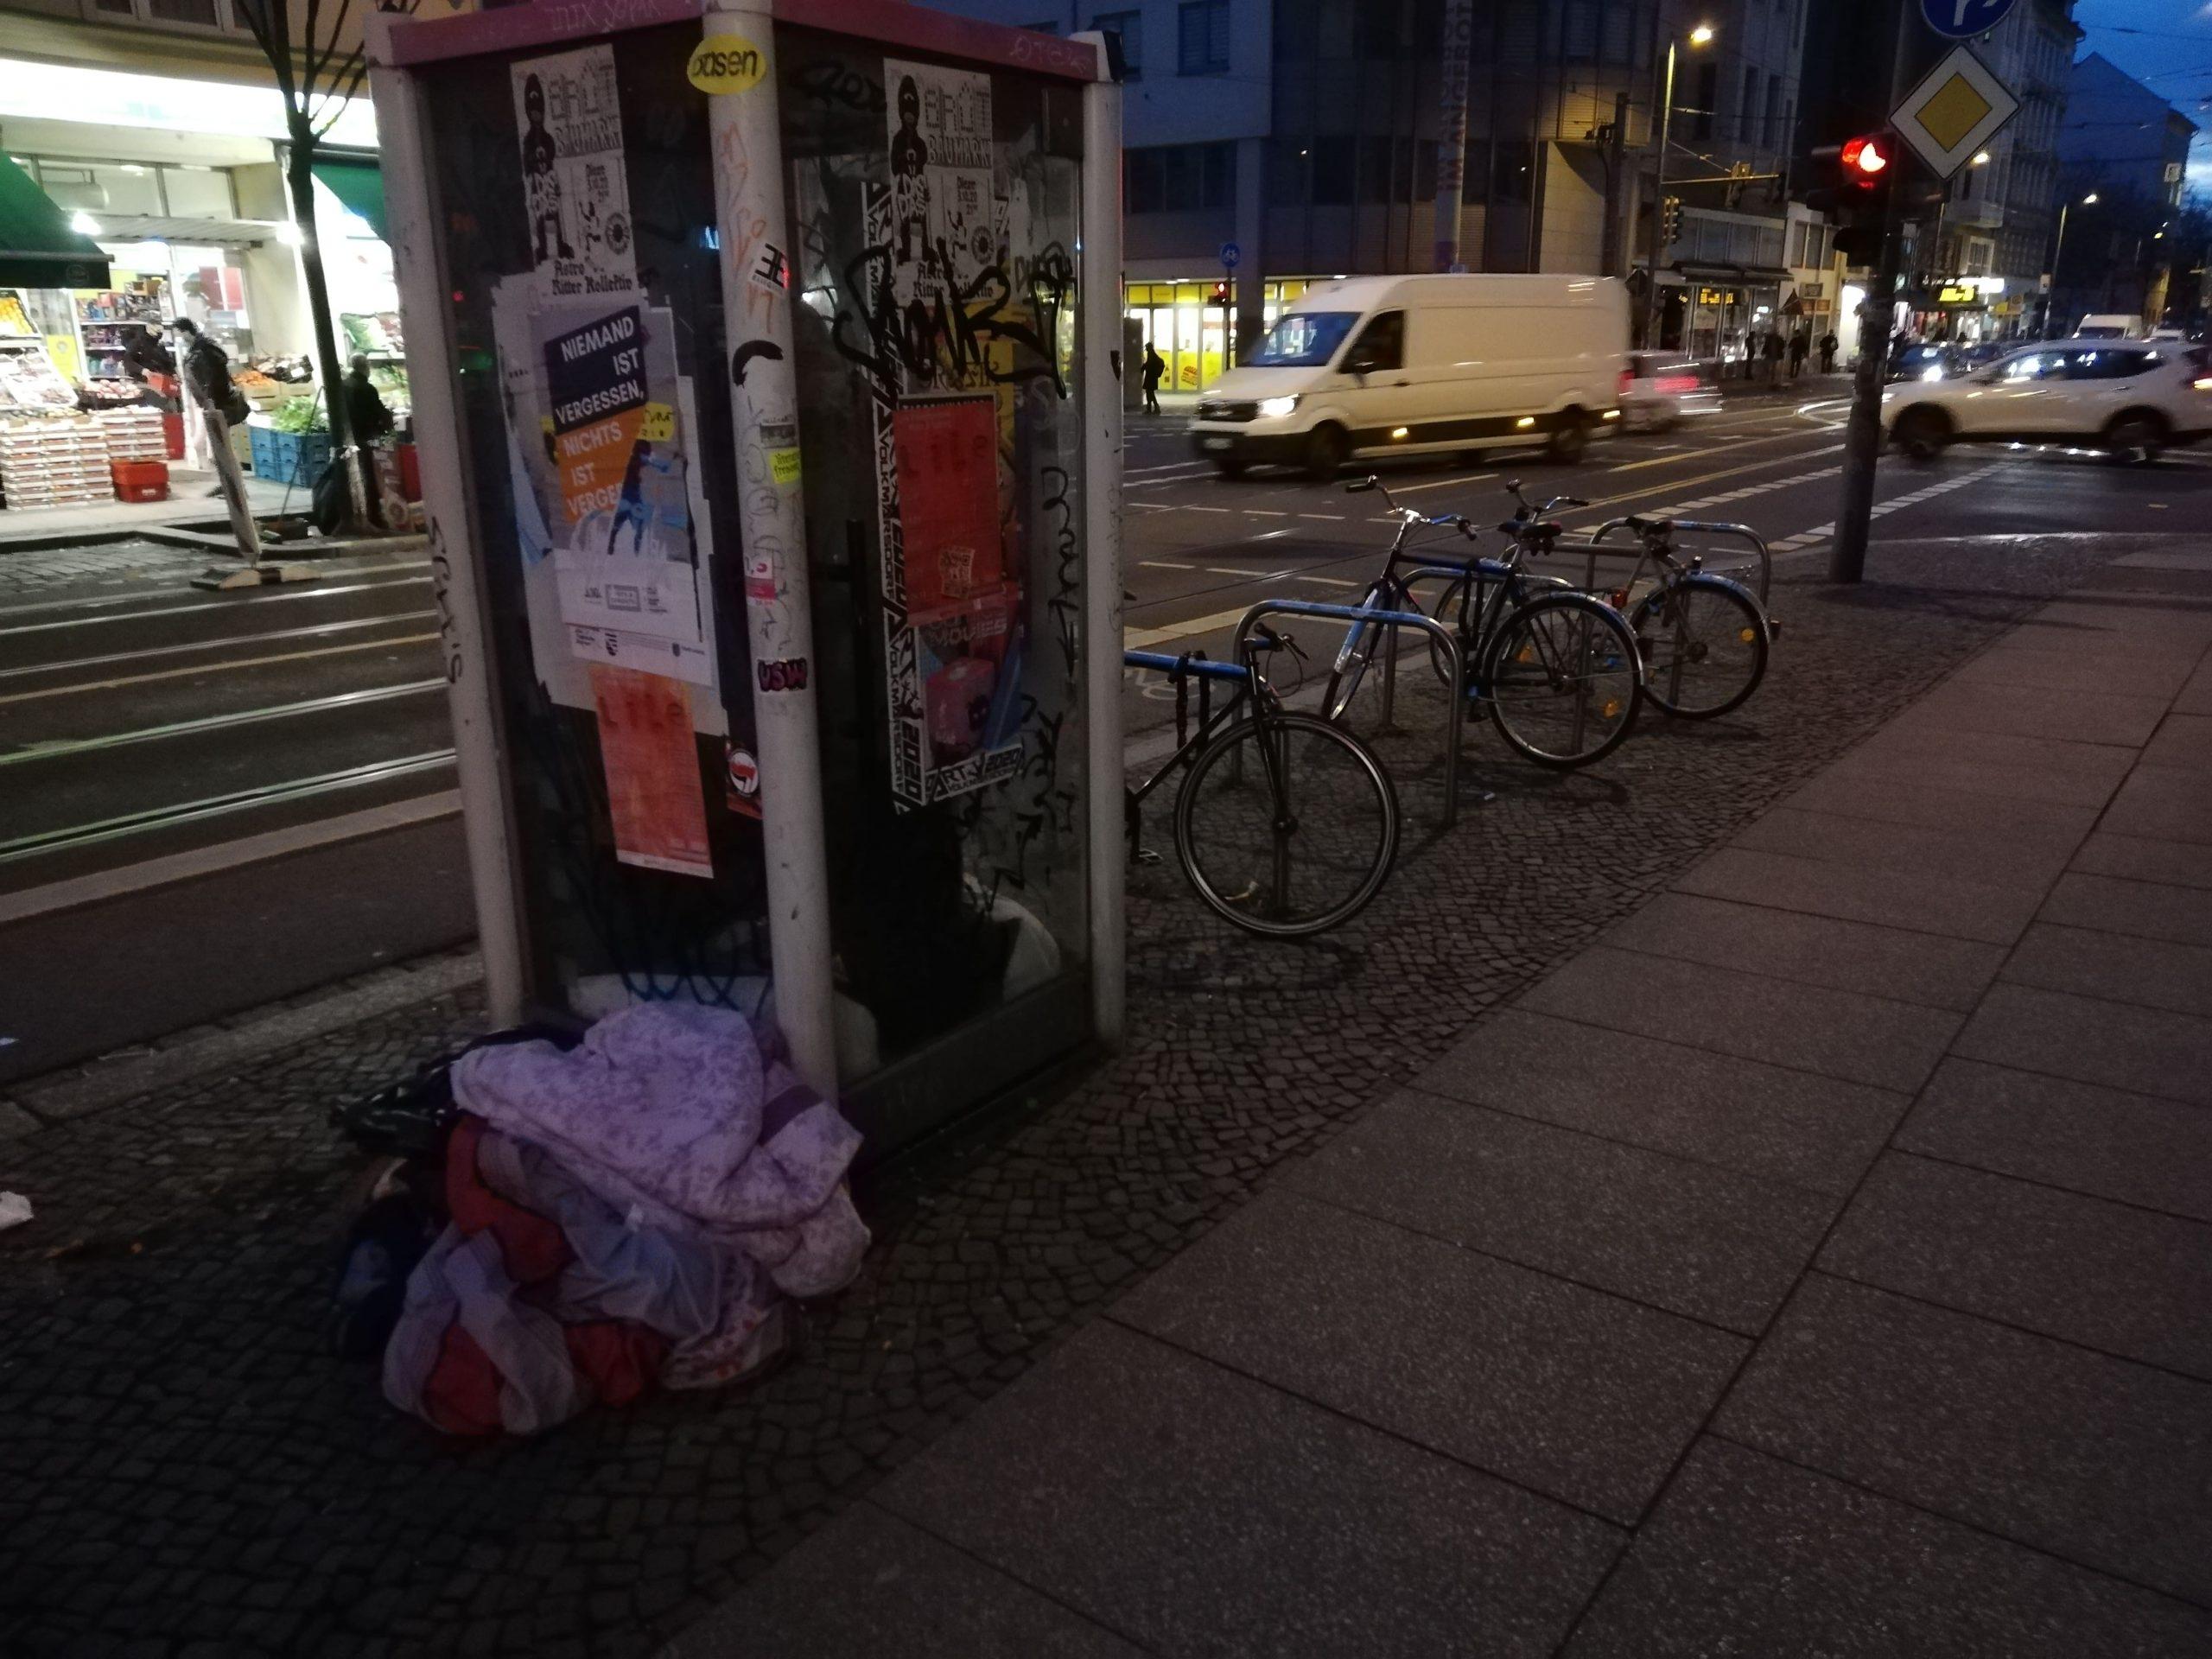 Man Sieht die TelefonZelle auf der Eisenbahnstraße in der eine unkenntliche Gestalt steht. An und in der Telefonzelle sind verschiedene Decken und Plasiktüten angelehnt. Es ist Nacht. Im Hintergrund erkennt man einige Geschäfte und verschwommen auch Passanten.